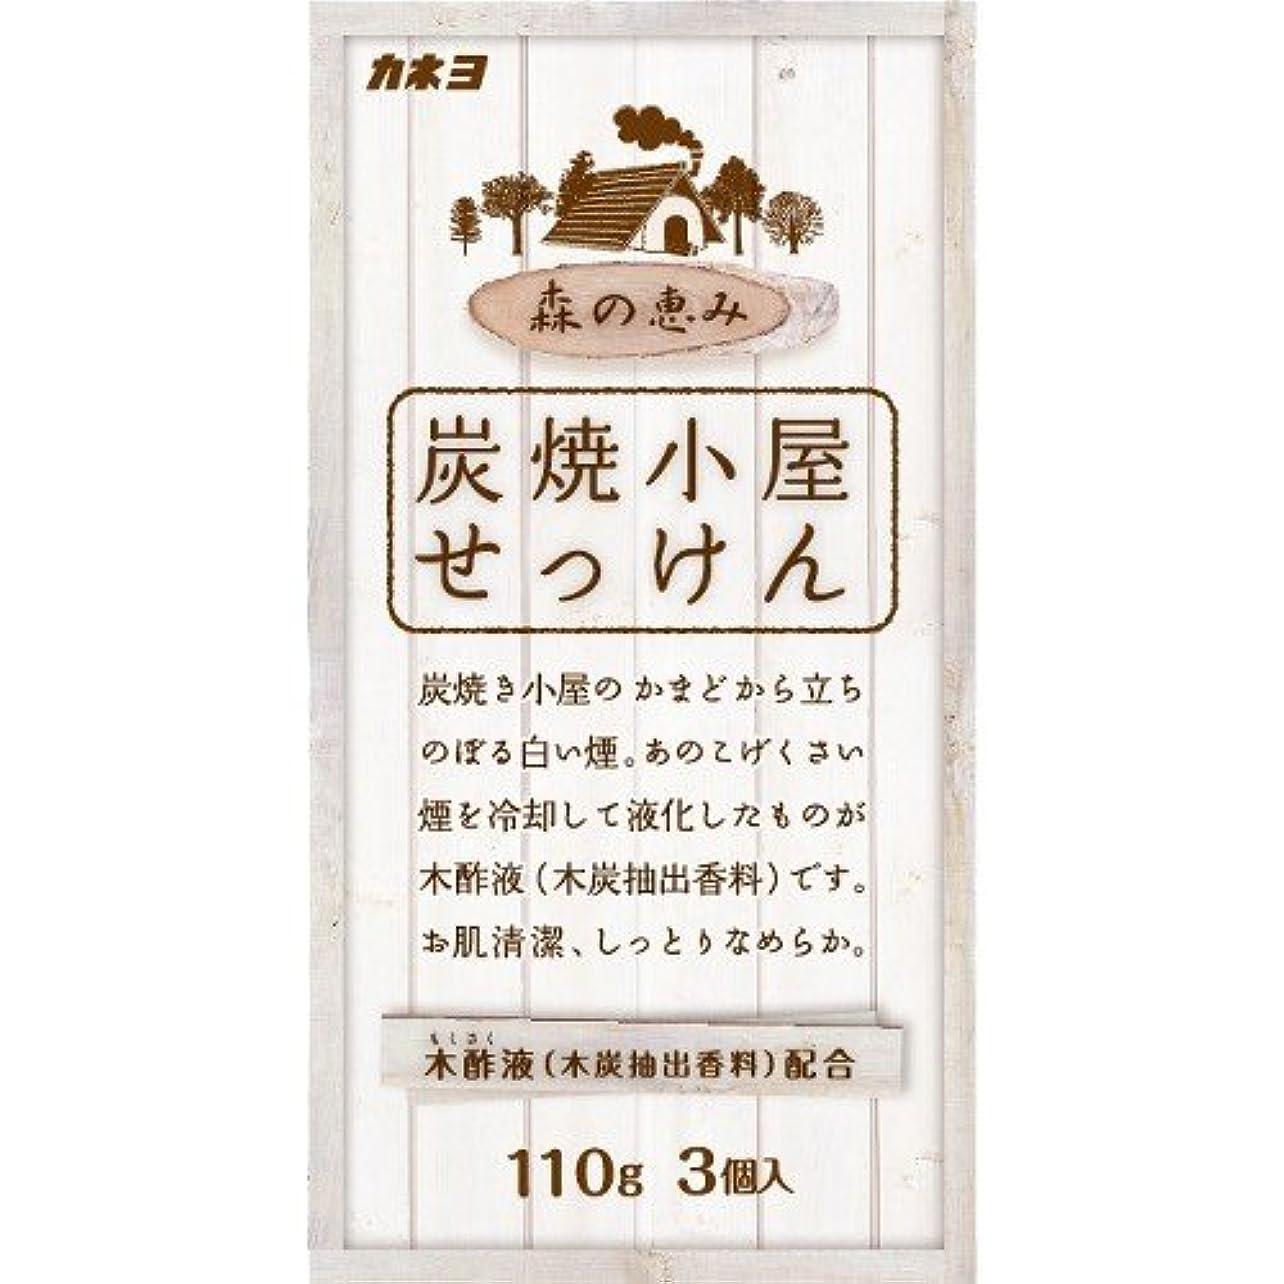 割り込みチャンピオンバブルカネヨ石鹸 炭焼小屋 化粧石けん 110g×3個入